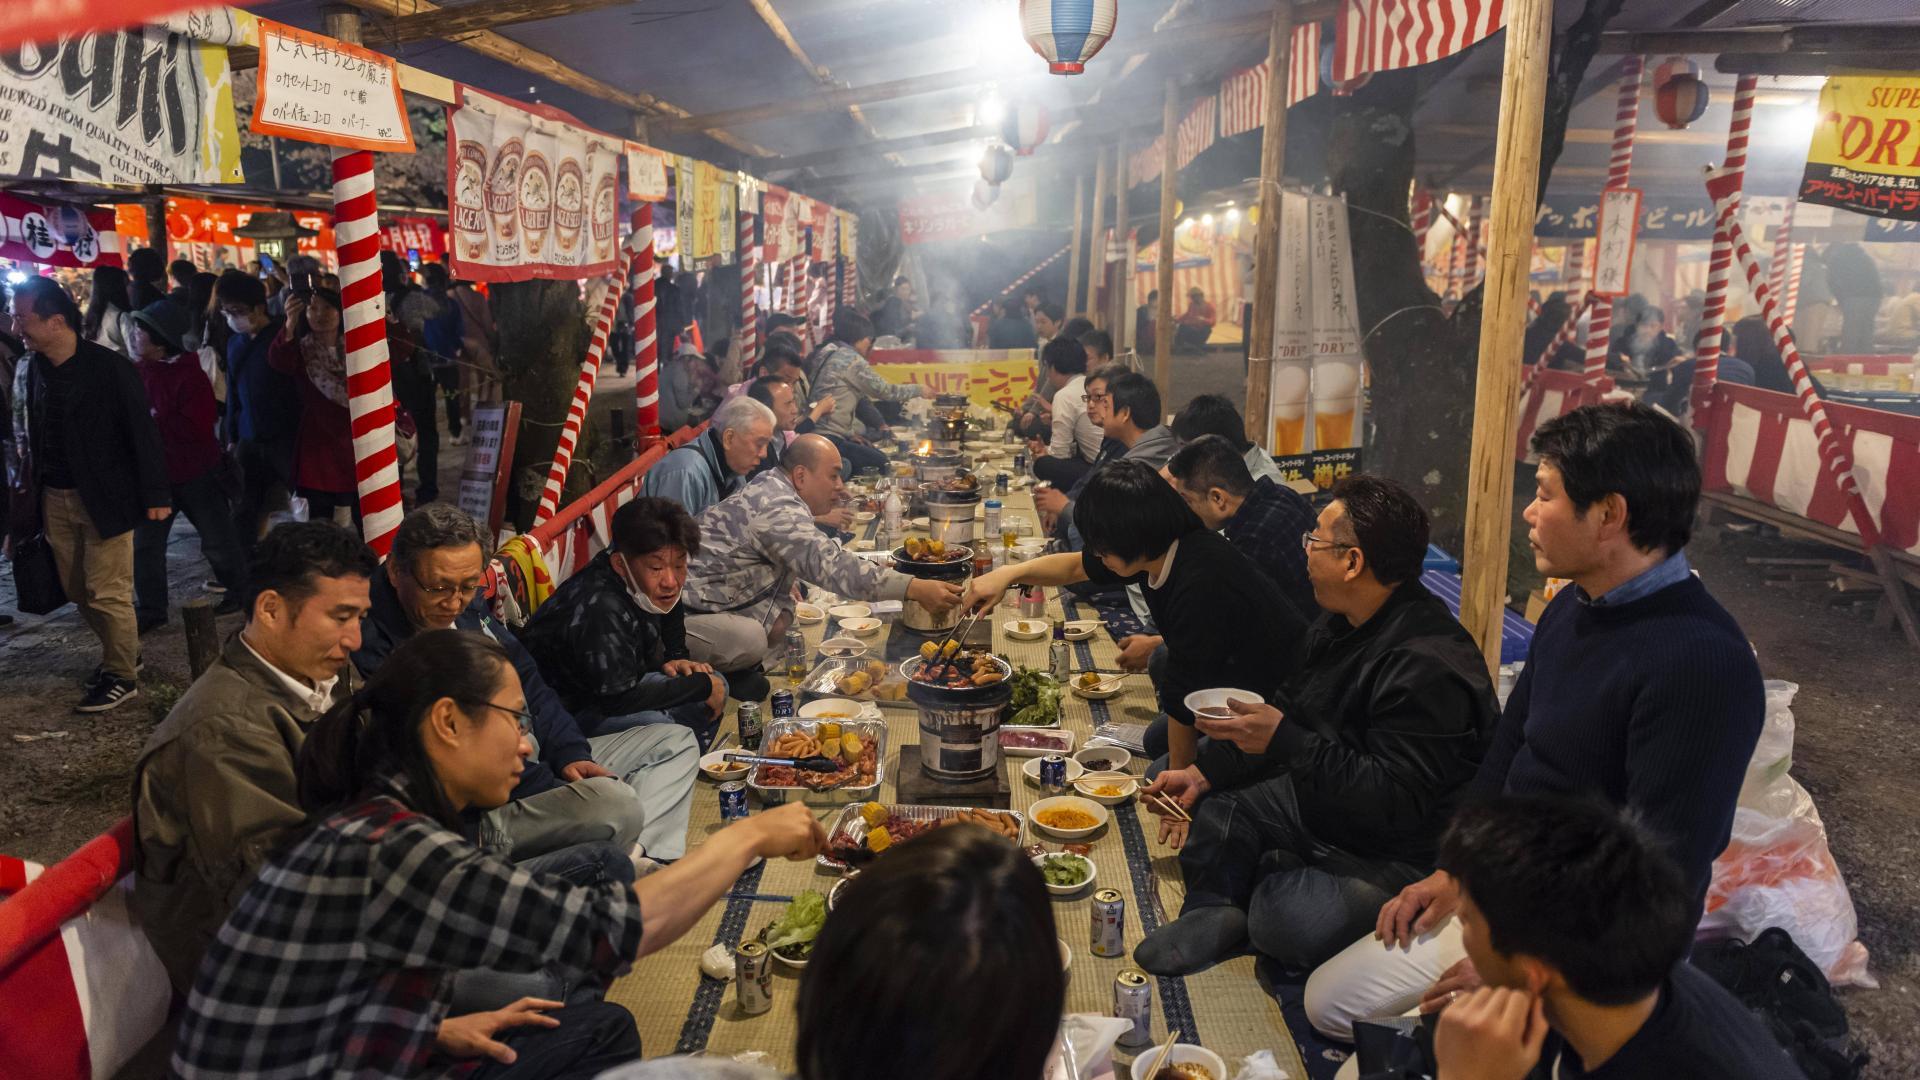 Tafel, Abendstimmung, Essen, Hirano Schrein, Kyoto, Japaner, Asien, Japan